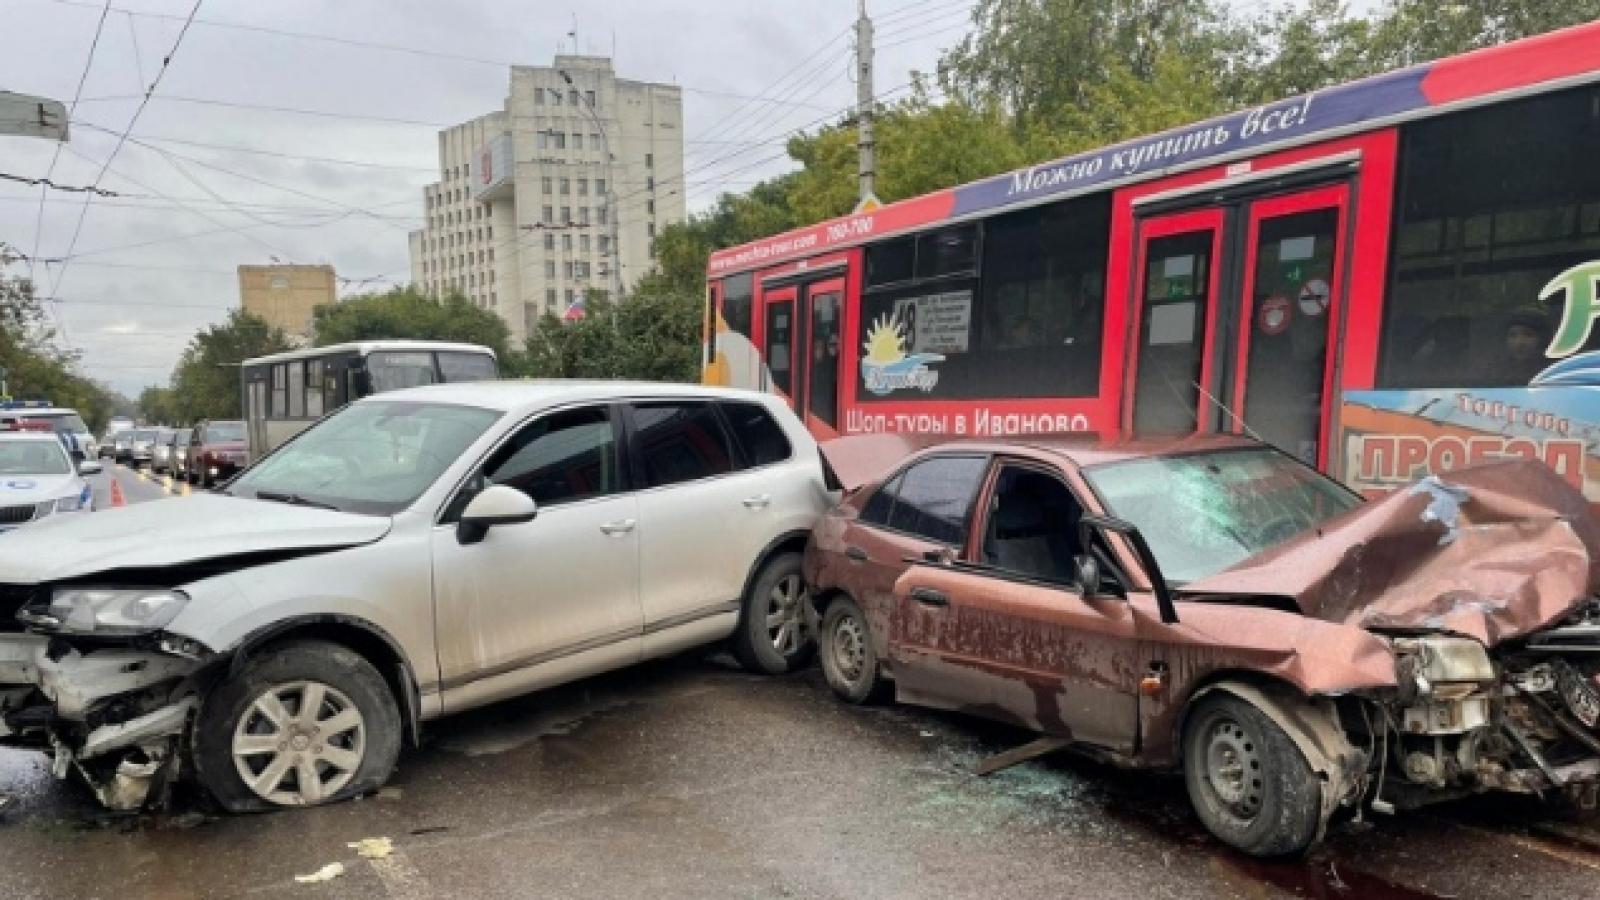 Пьяный водитель стал виновником ДТП в центре Вологды